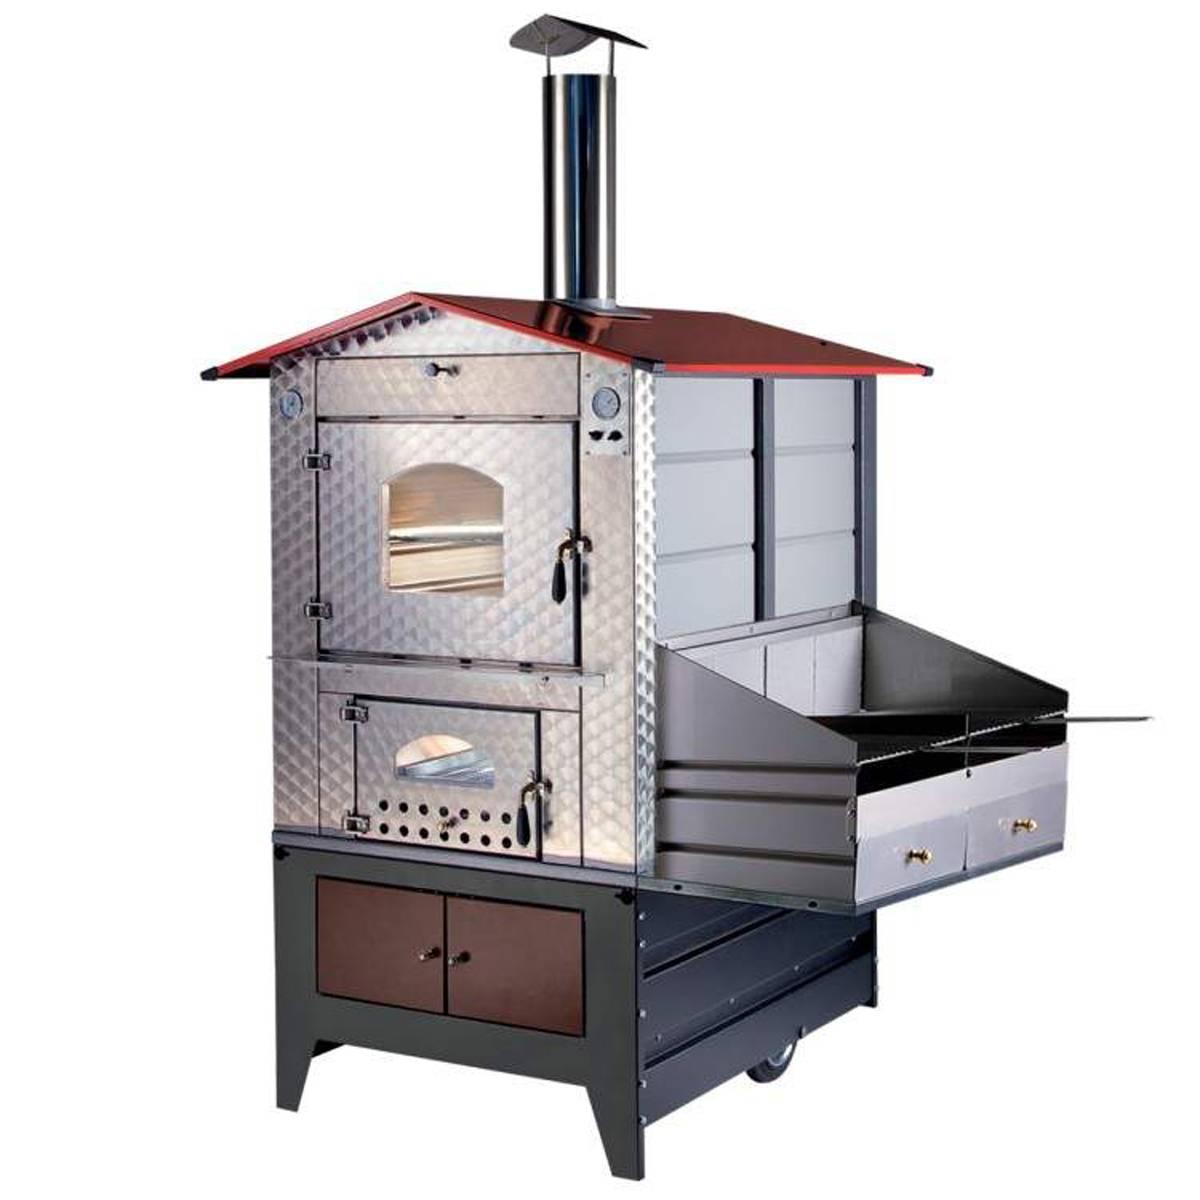 Forno a legna gemignani a fuoco indiretto da esterno mod g100 barbecue quaranta store - Forno a legna per esterno ...